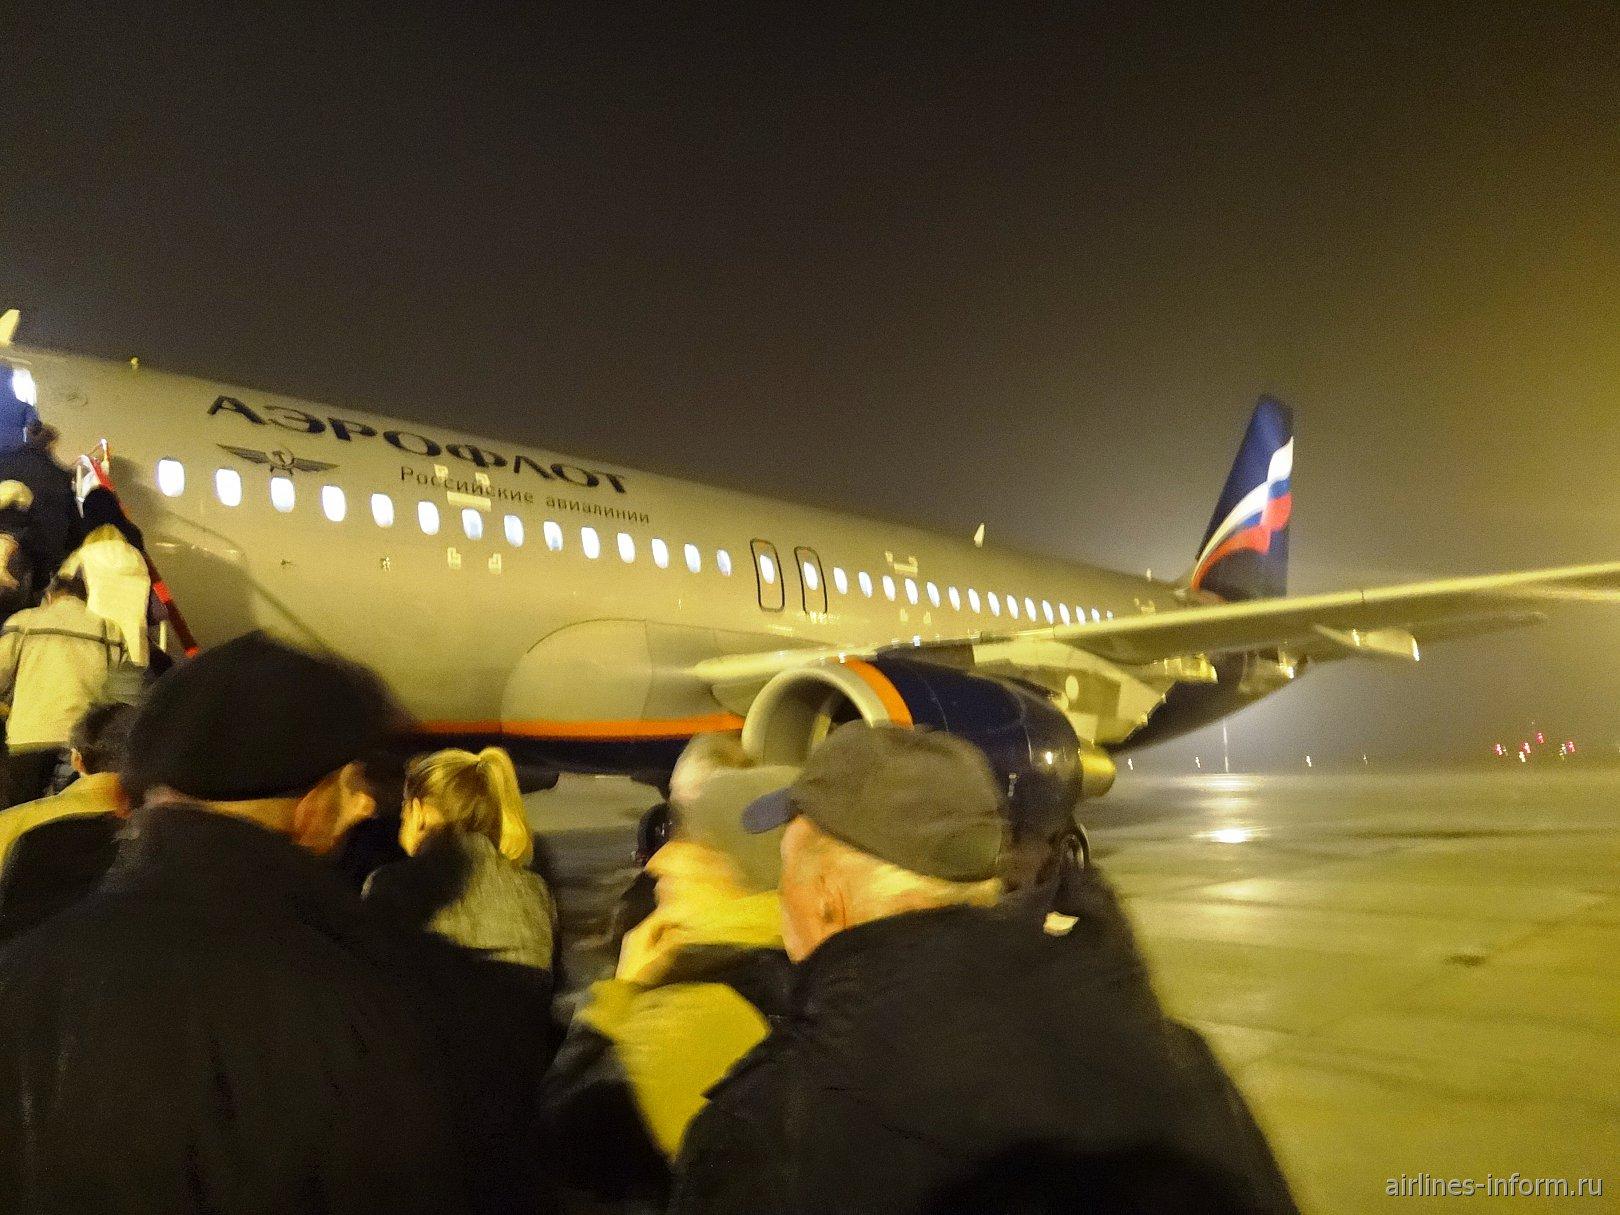 """Ростов-на-Дону (ROV) - Москва Шереметьево-D (SVO) с """"Аэрофлотом"""" на Airbus A320"""